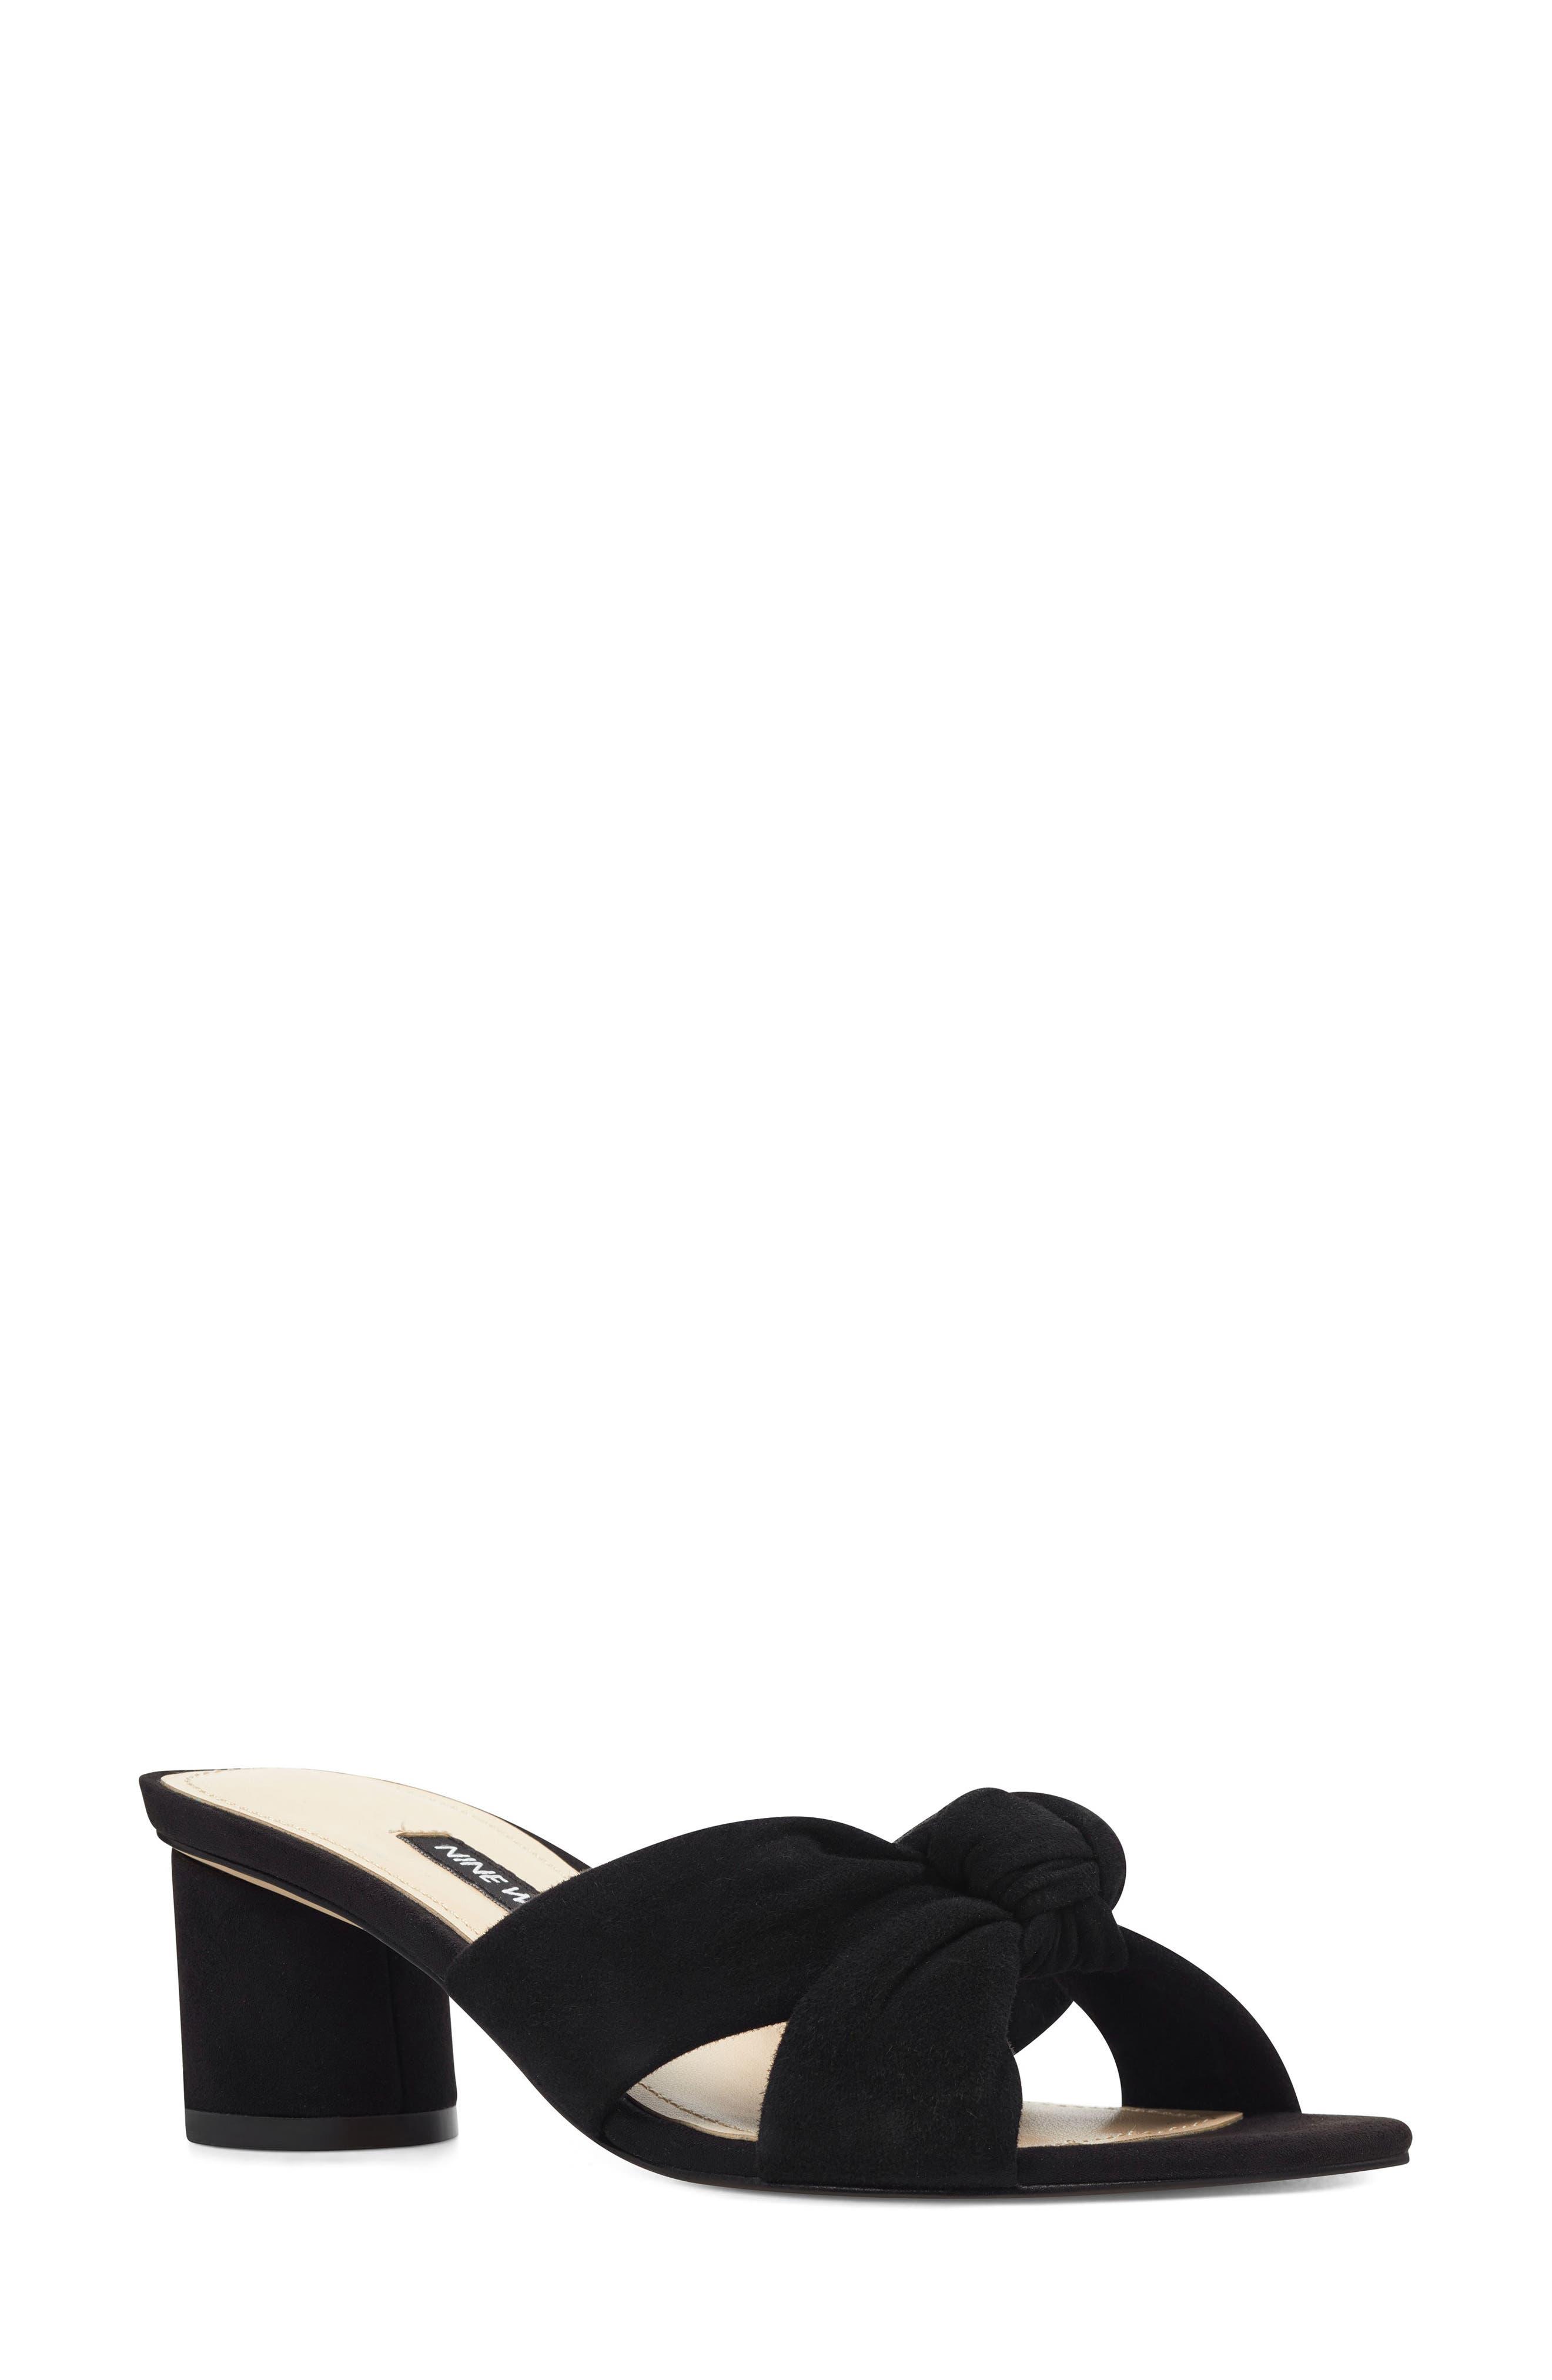 Kayla Knot Slip-On Sandal, Main, color, BLACK SUEDE